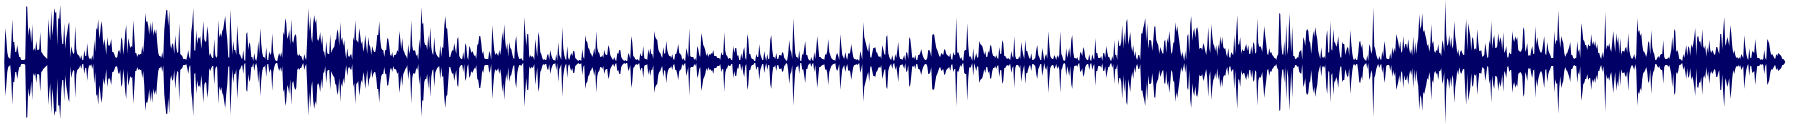 waveform of track #78950